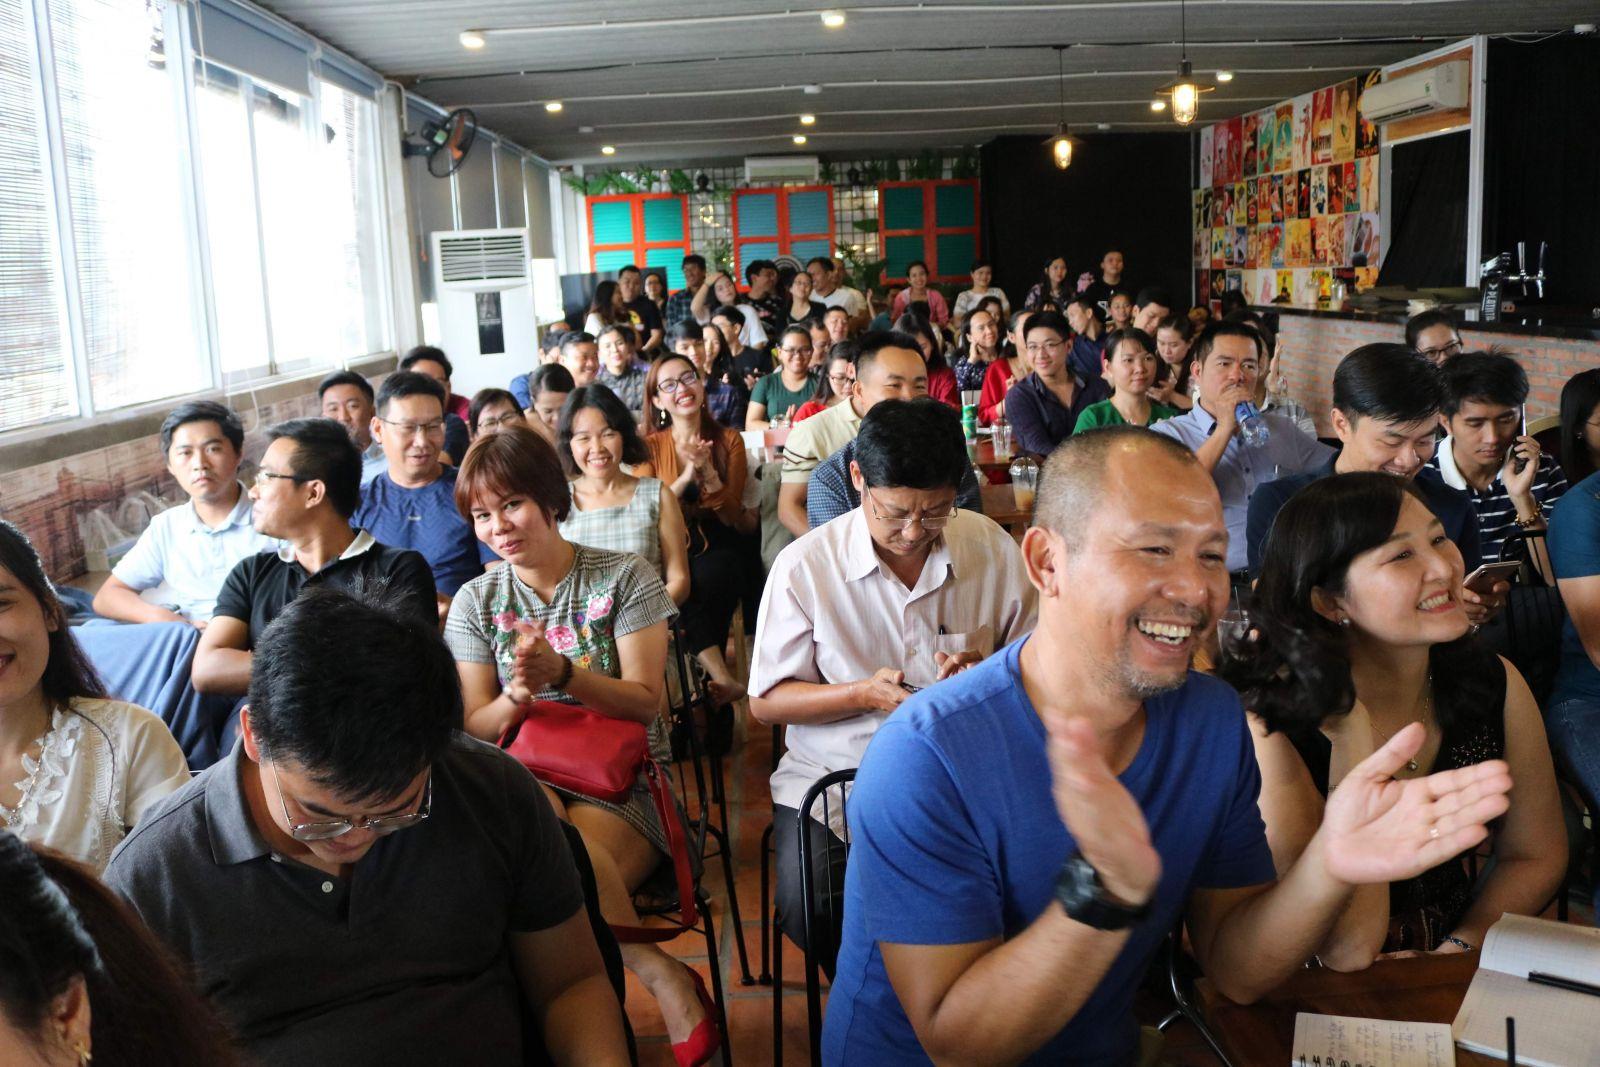 Talkshow Happy Cafe tháng 09/2018 - GIẢI QUYẾT MÂU THUẪN NỘI BỘ BẰNG NĂNG LƯỢNG TRÍ TUỆ